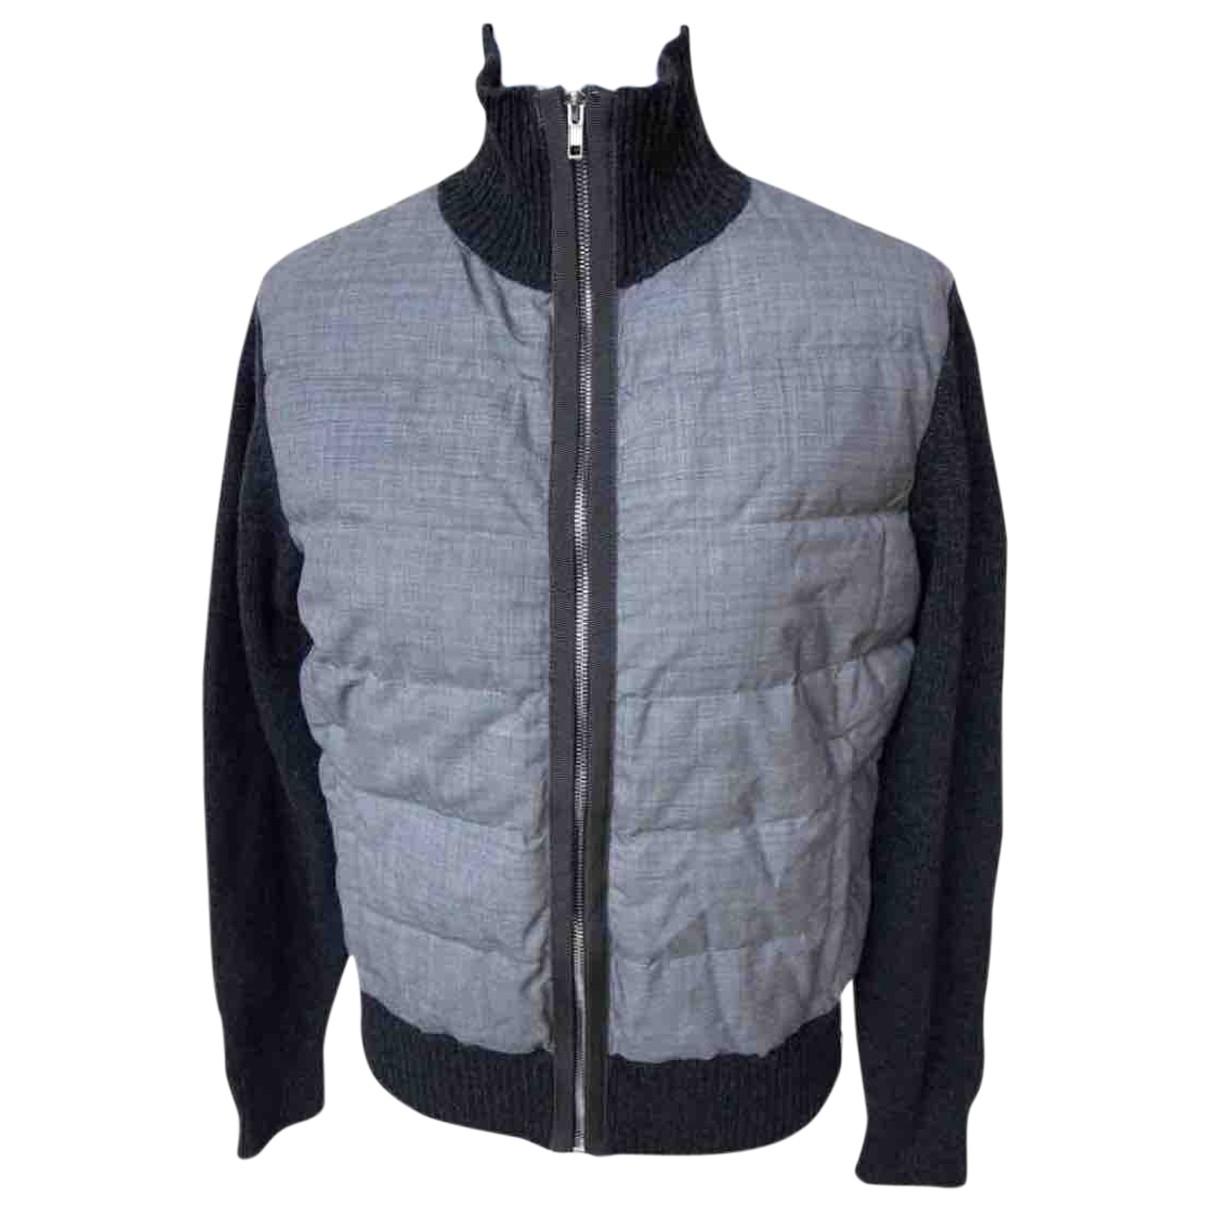 Moncler - Vestes.Blousons   pour homme en laine - gris